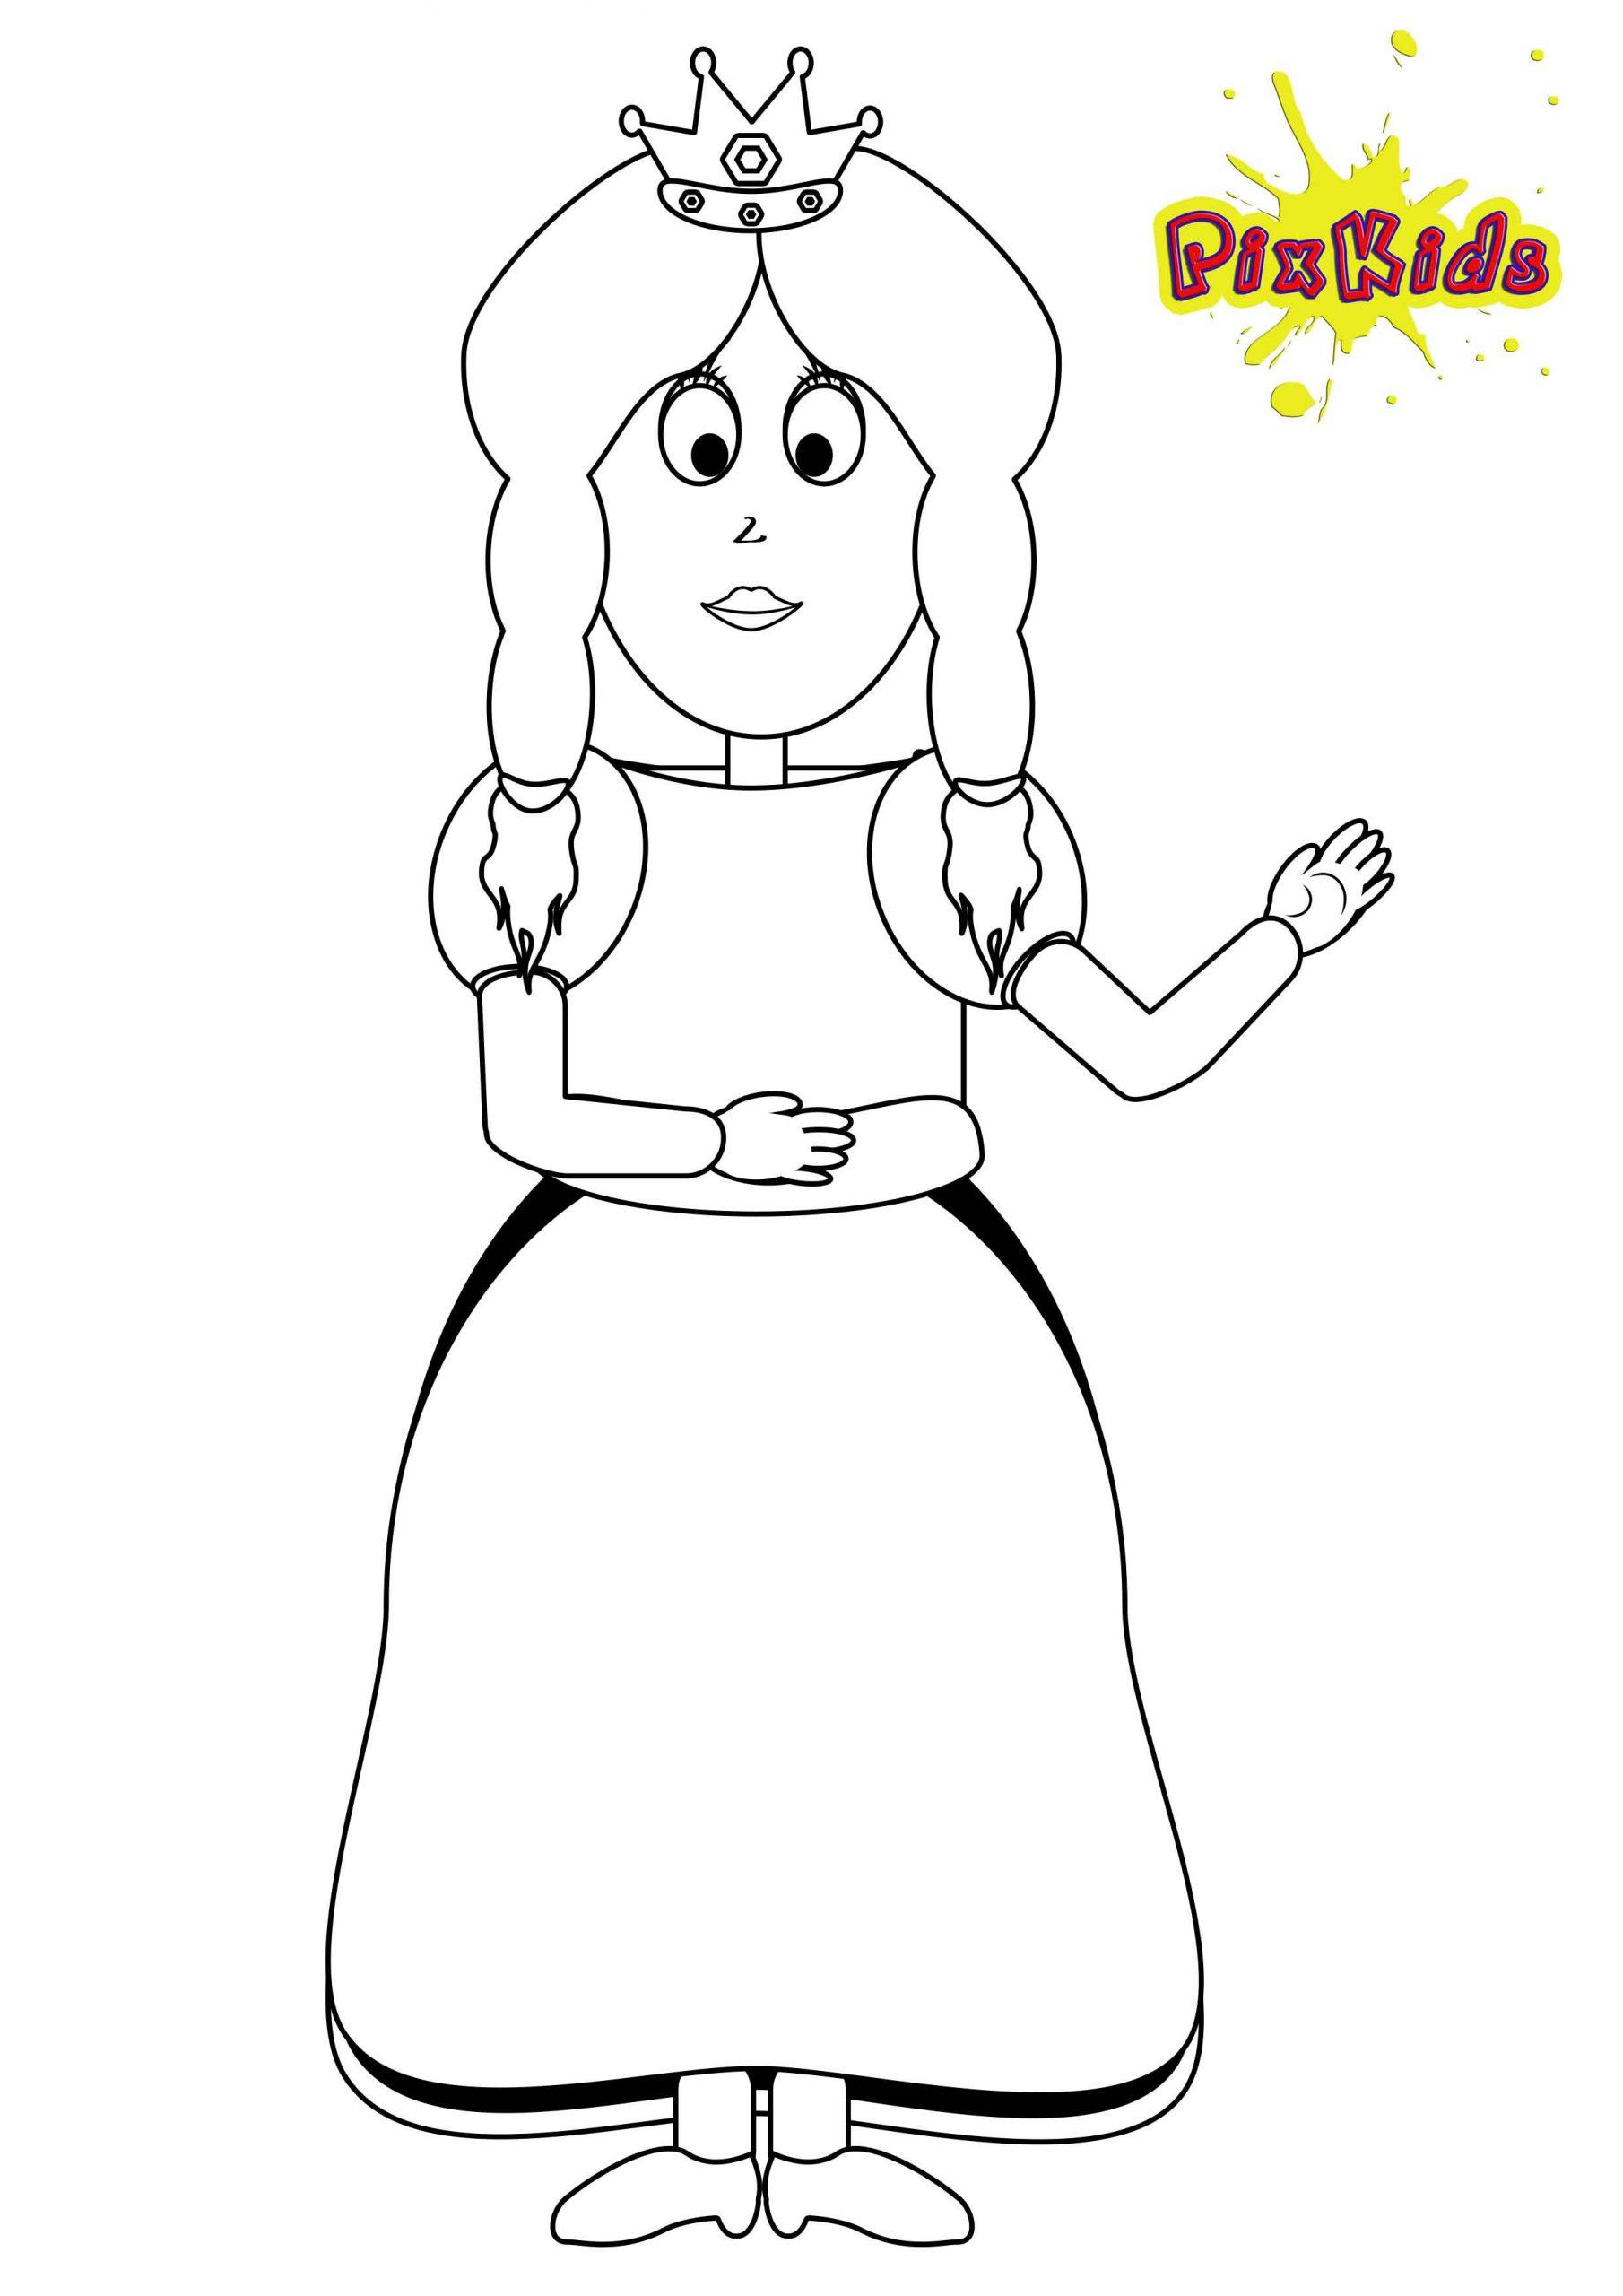 Ausmalbild Prinzessin - Kostenlose Malvorlagen mit Gratis Malvorlagen Prinzessin Lillifee